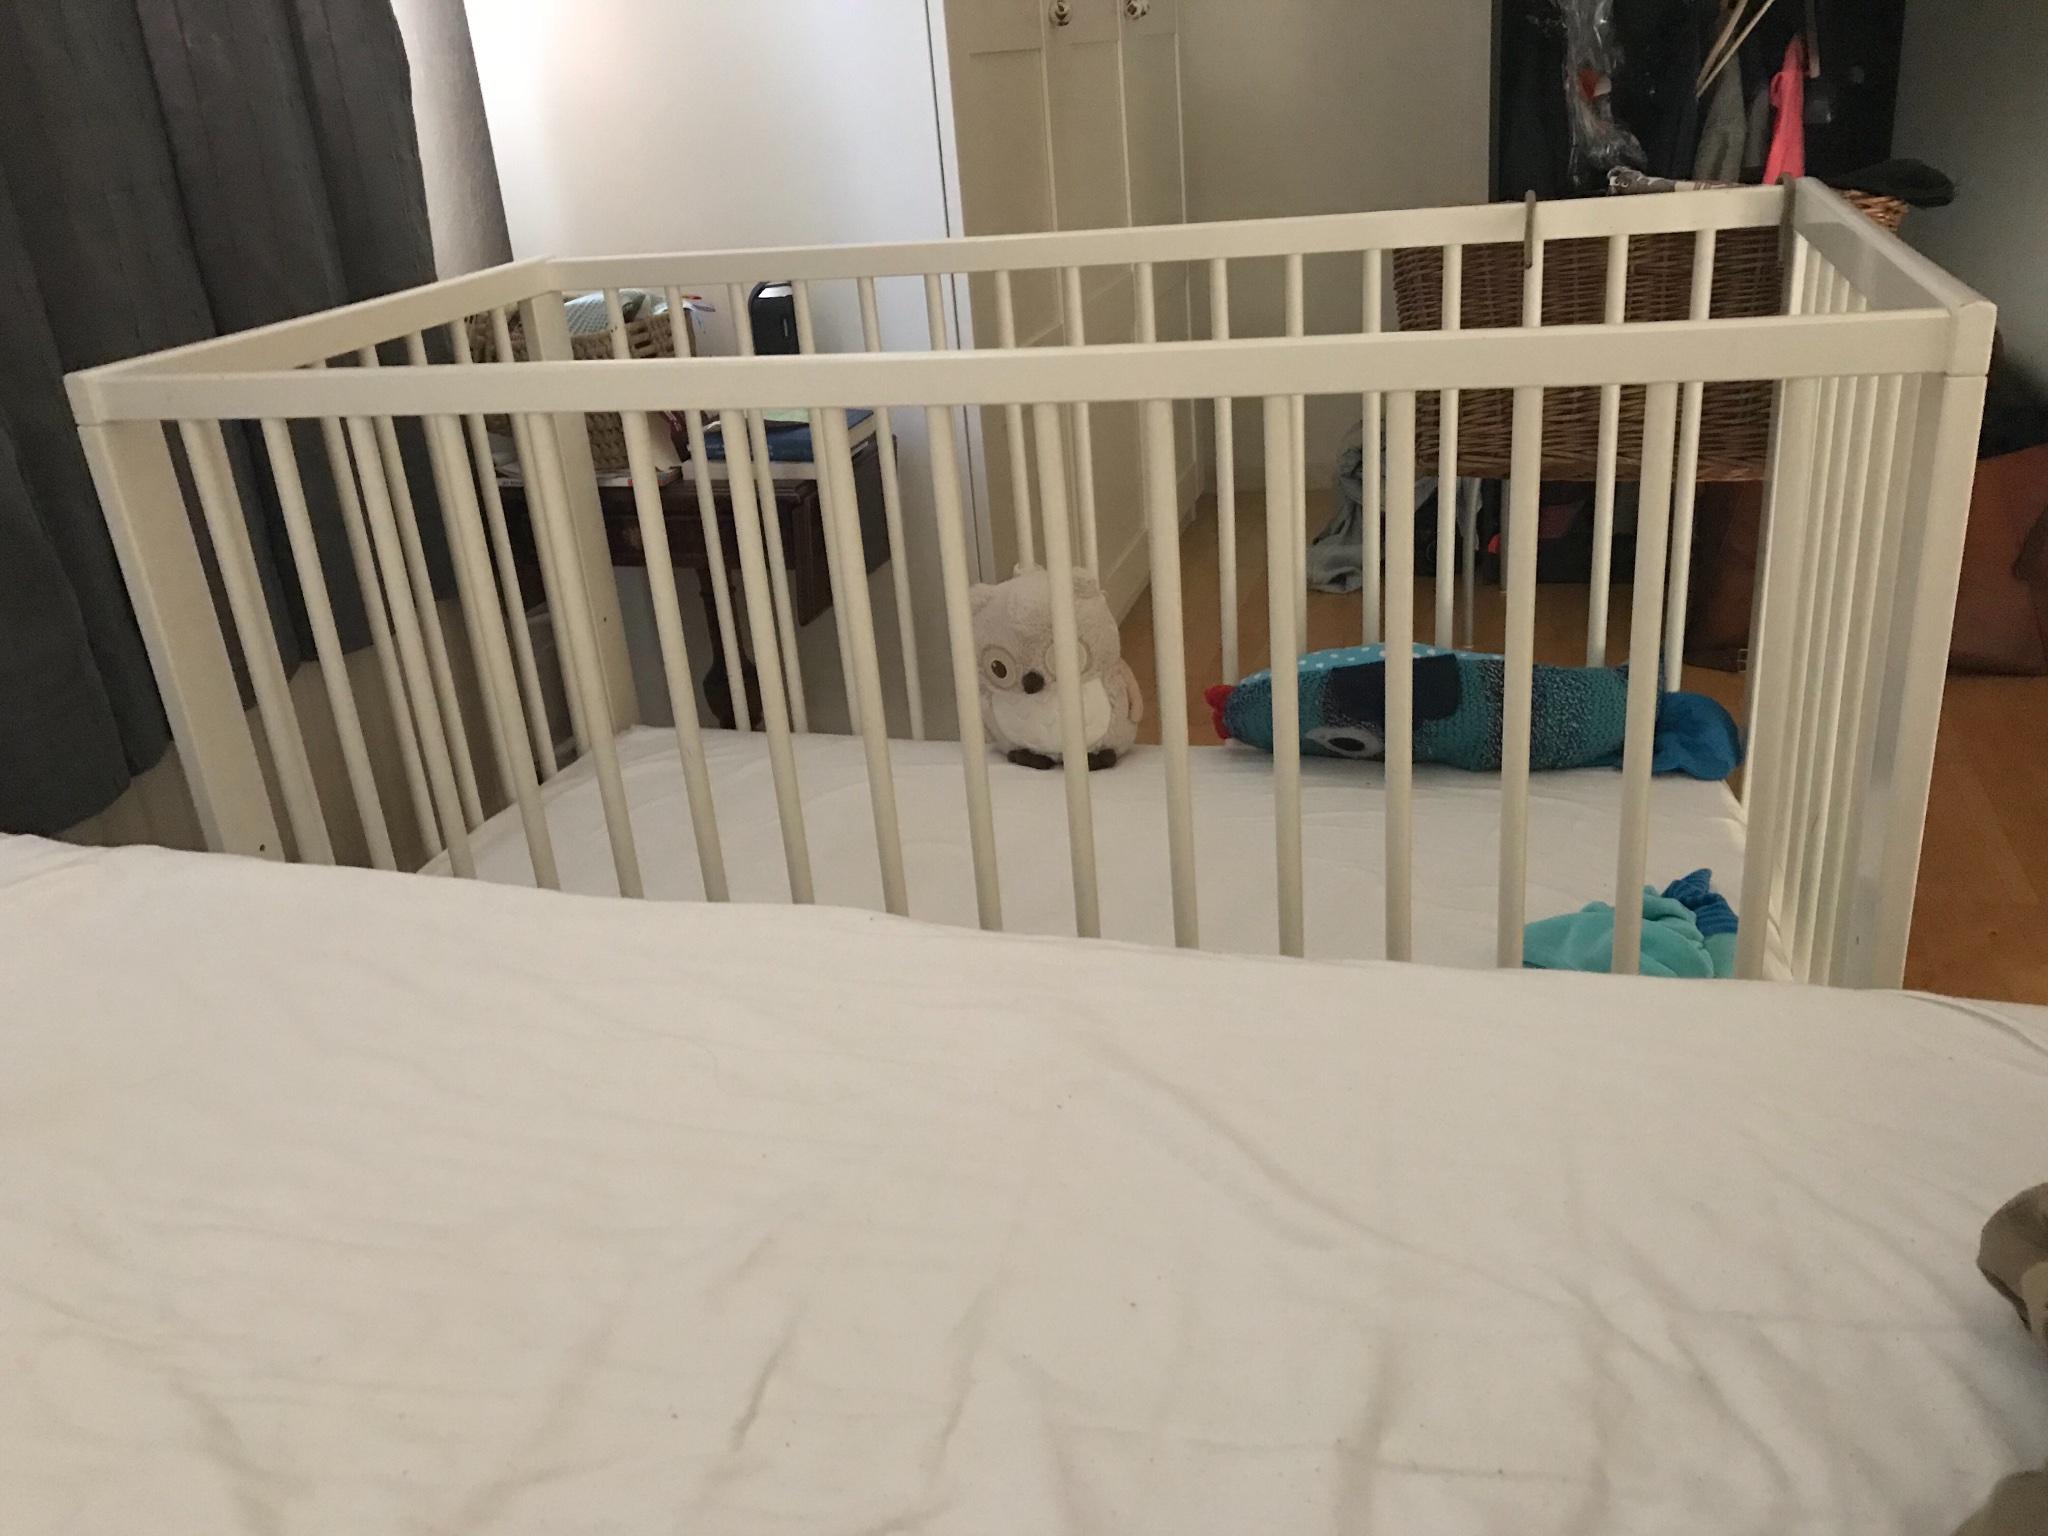 Ledikant Ombouwen Tot Juniorbed.Matras Voor Ledikant Ikea Ledikant Matras Ikea Nieuw Kinderbed